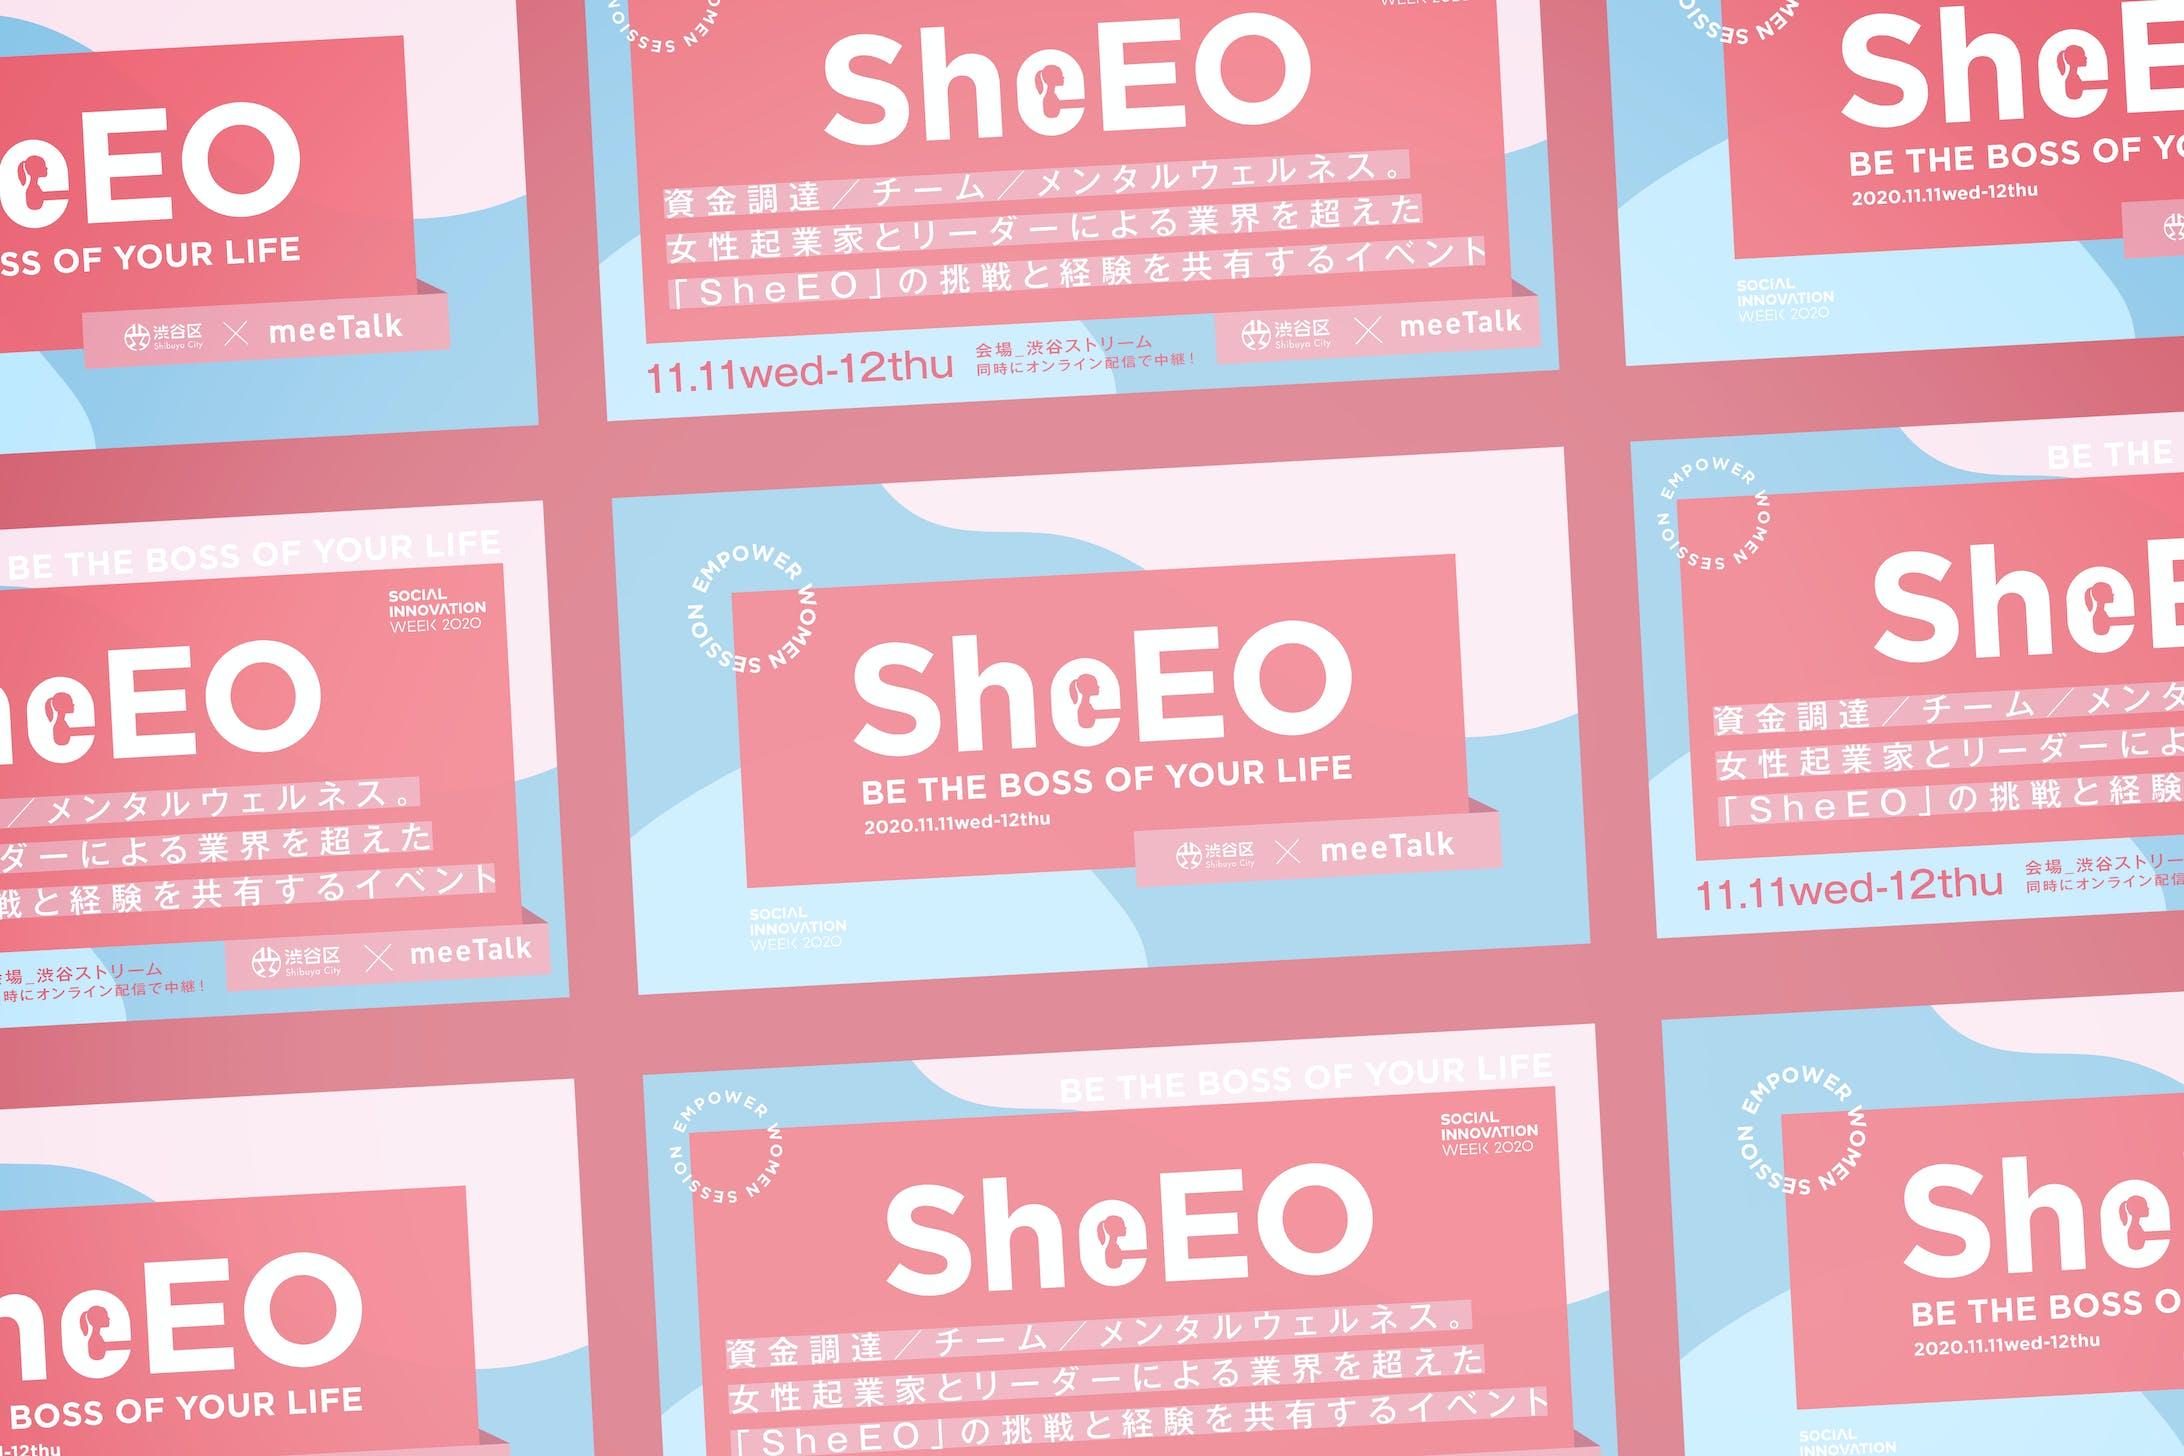 Shiubya-ku & meeTalk『SheEO – BE THE BOSS OF YOUR LIFE』-5